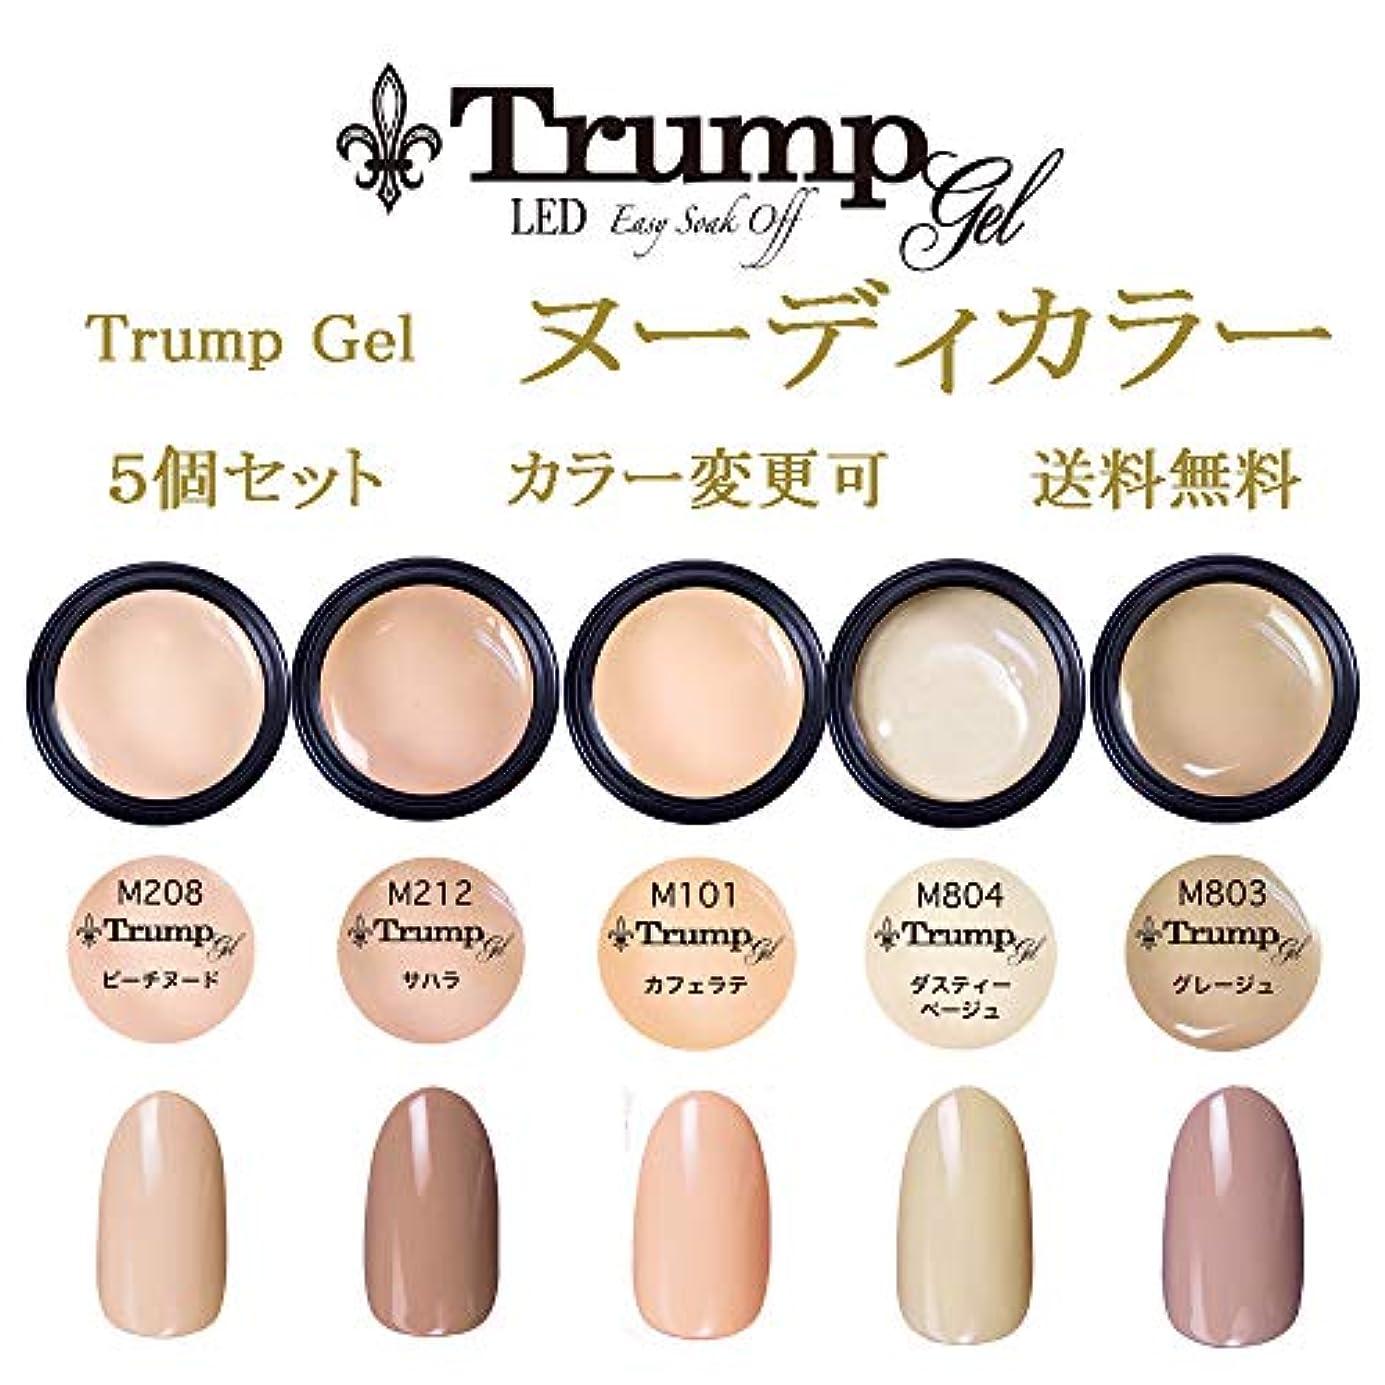 マイクロフォン付けるベル日本製 Trump gel トランプジェル ヌーディカラー 選べる カラージェル 5個セット ベージュ ブラウン ピンク